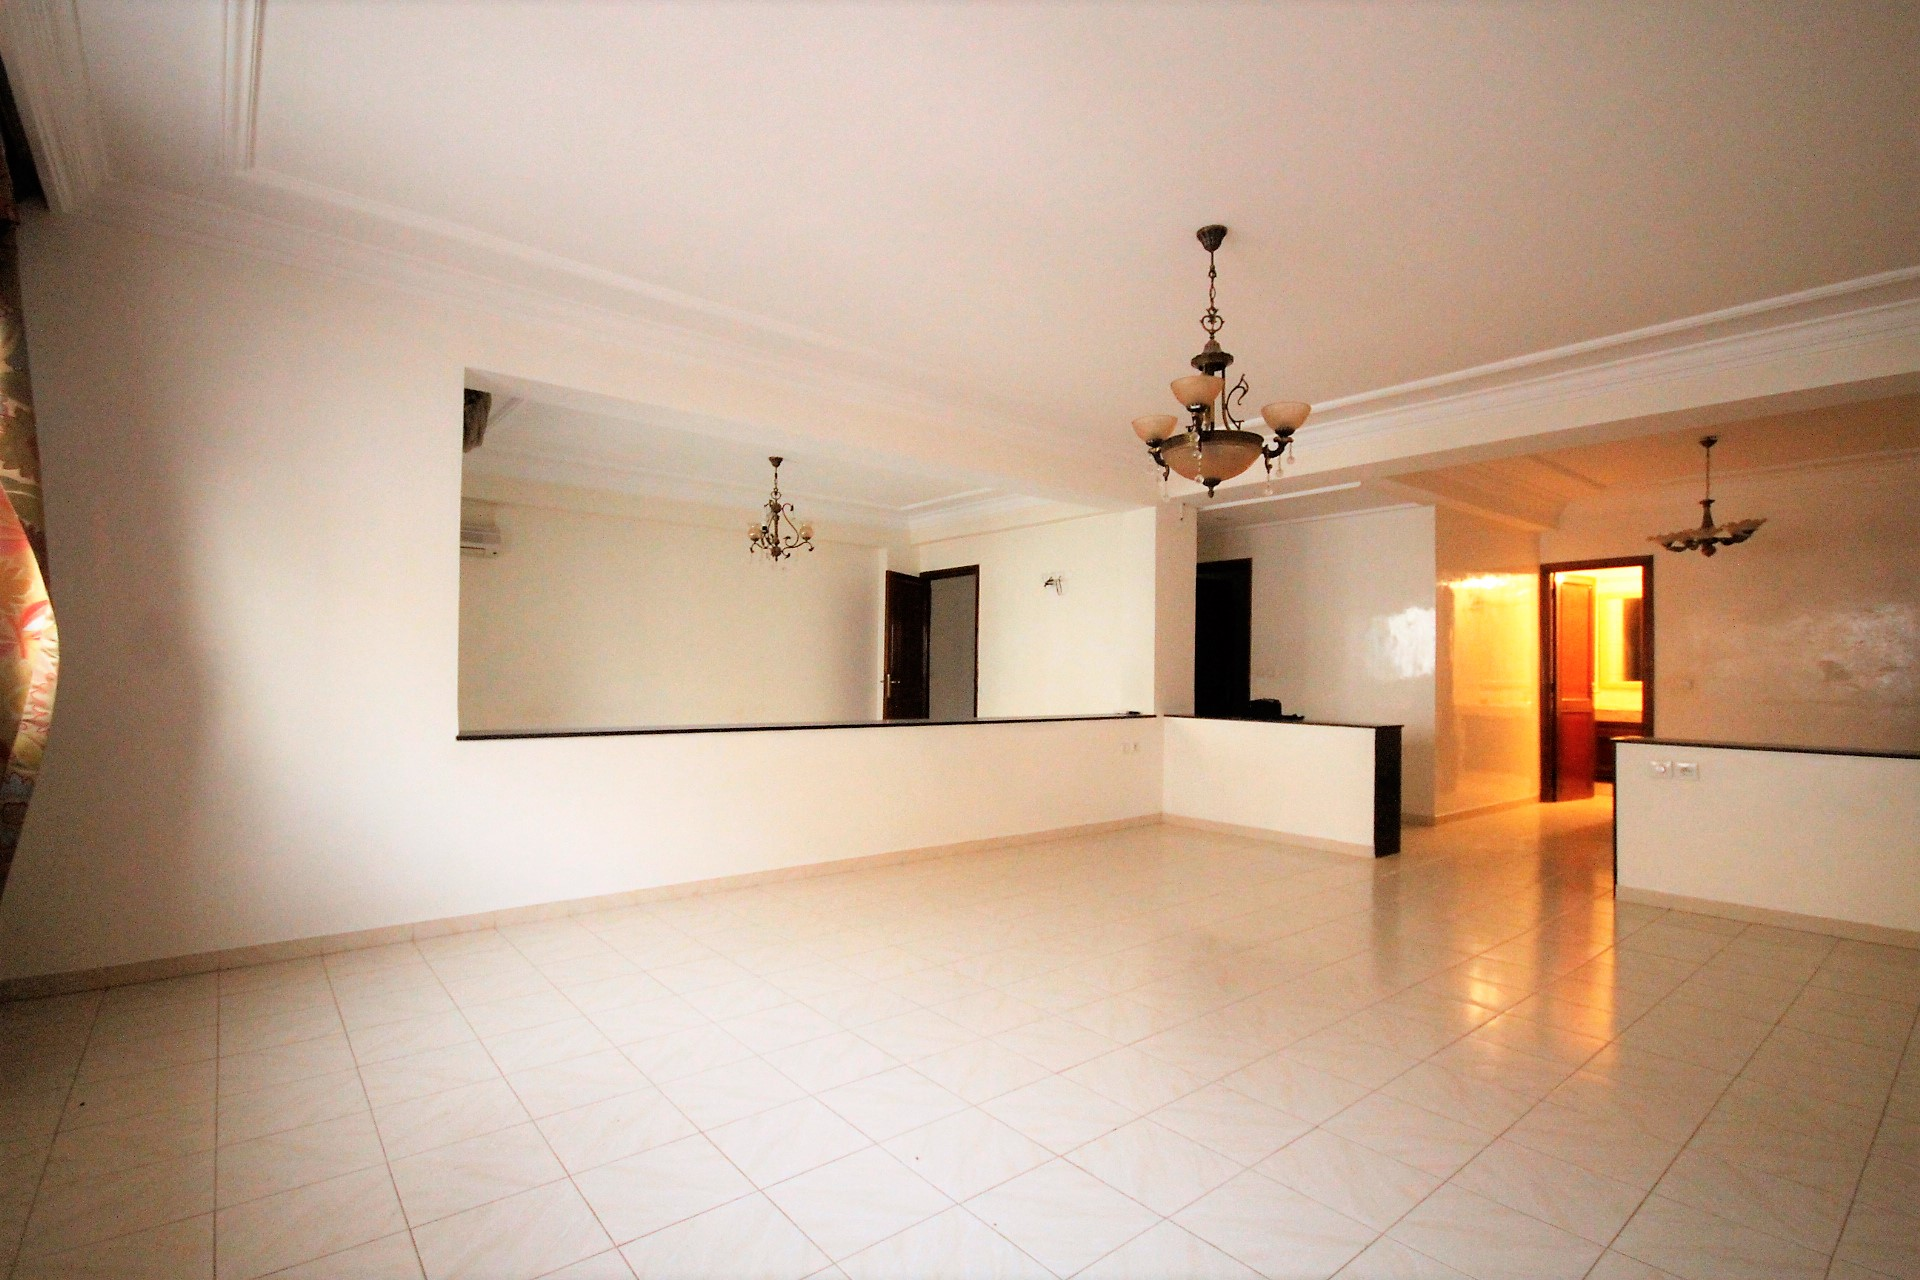 Maroc, Darbouazza à louer appartement neuf  meublé de 100 m² avec jardin dans résidence sécurisée